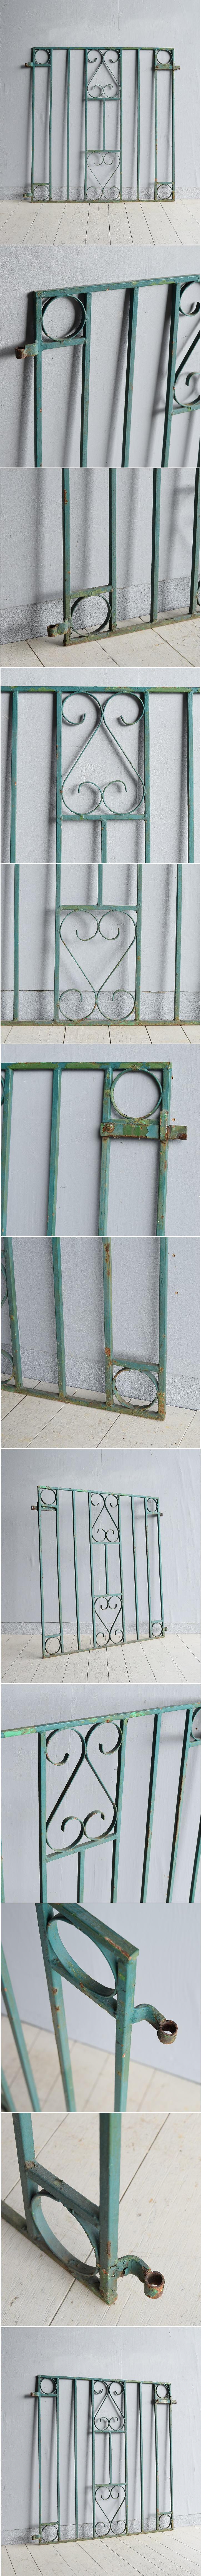 イギリス アンティーク アイアンフェンス ゲート柵 ガーデニング 7784